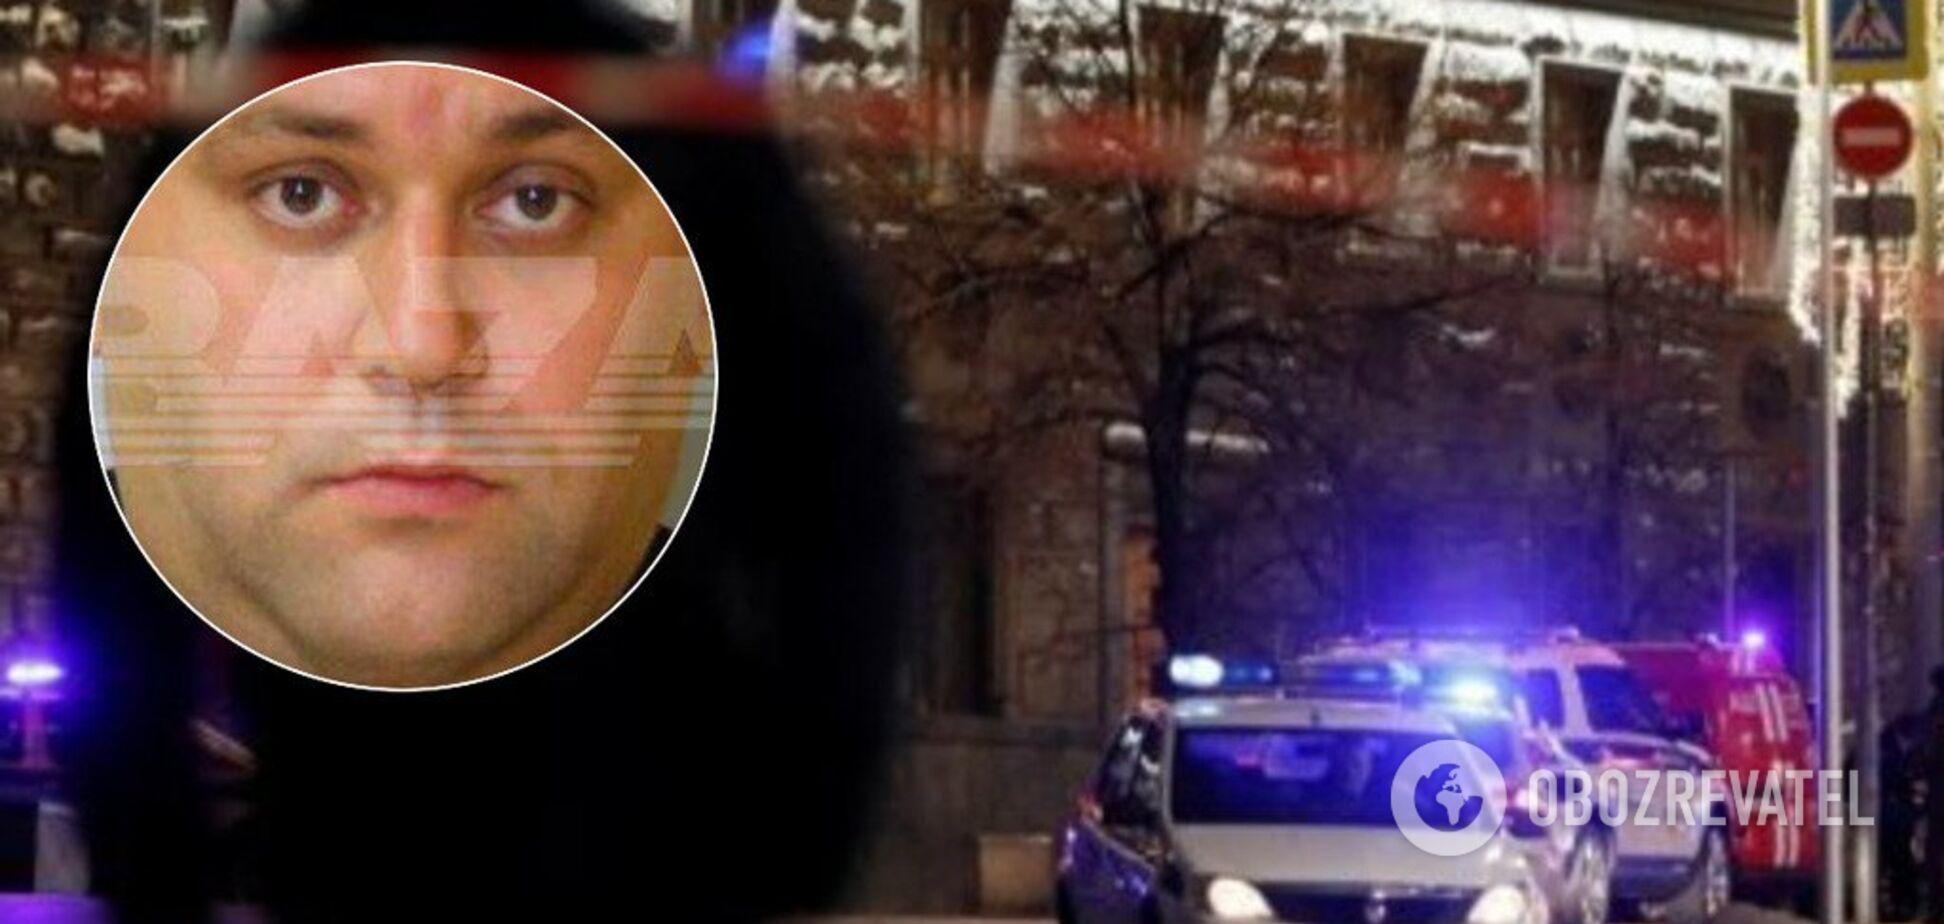 'Краще куля в лоб': батько луб'янського стрільця розповів про сина до нападу